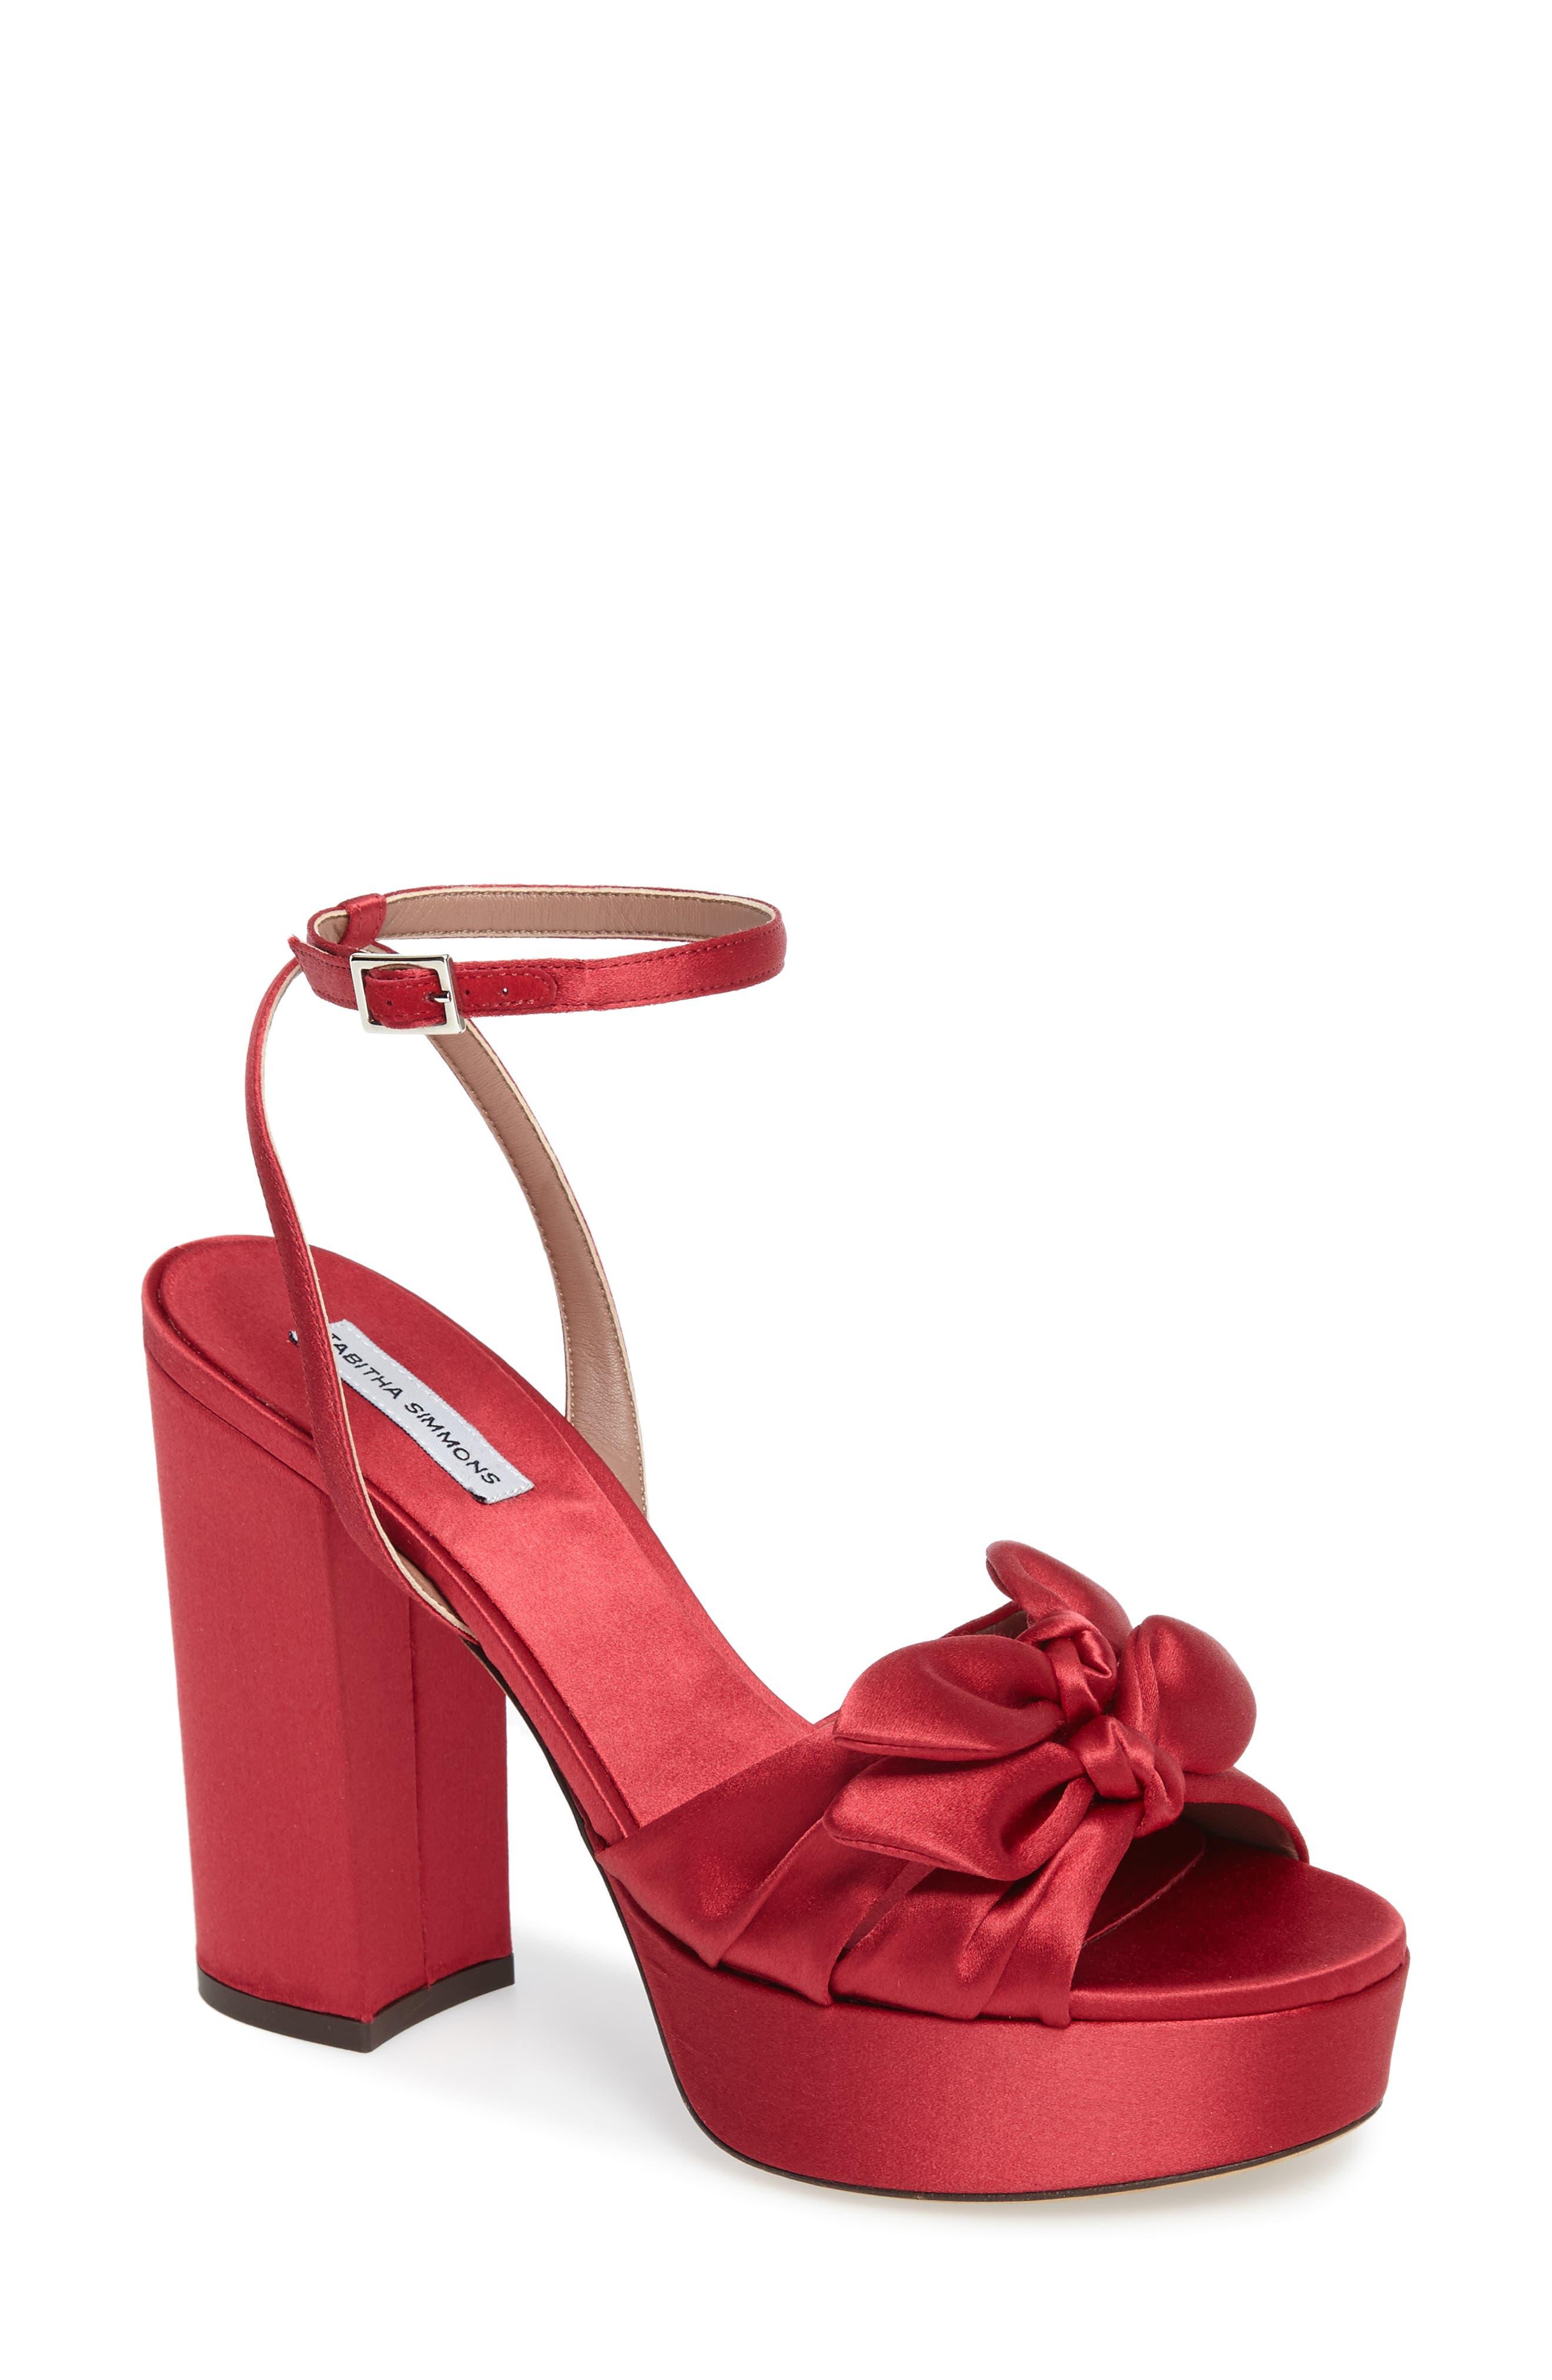 Jodie Platform Sandal,                         Main,                         color, Red